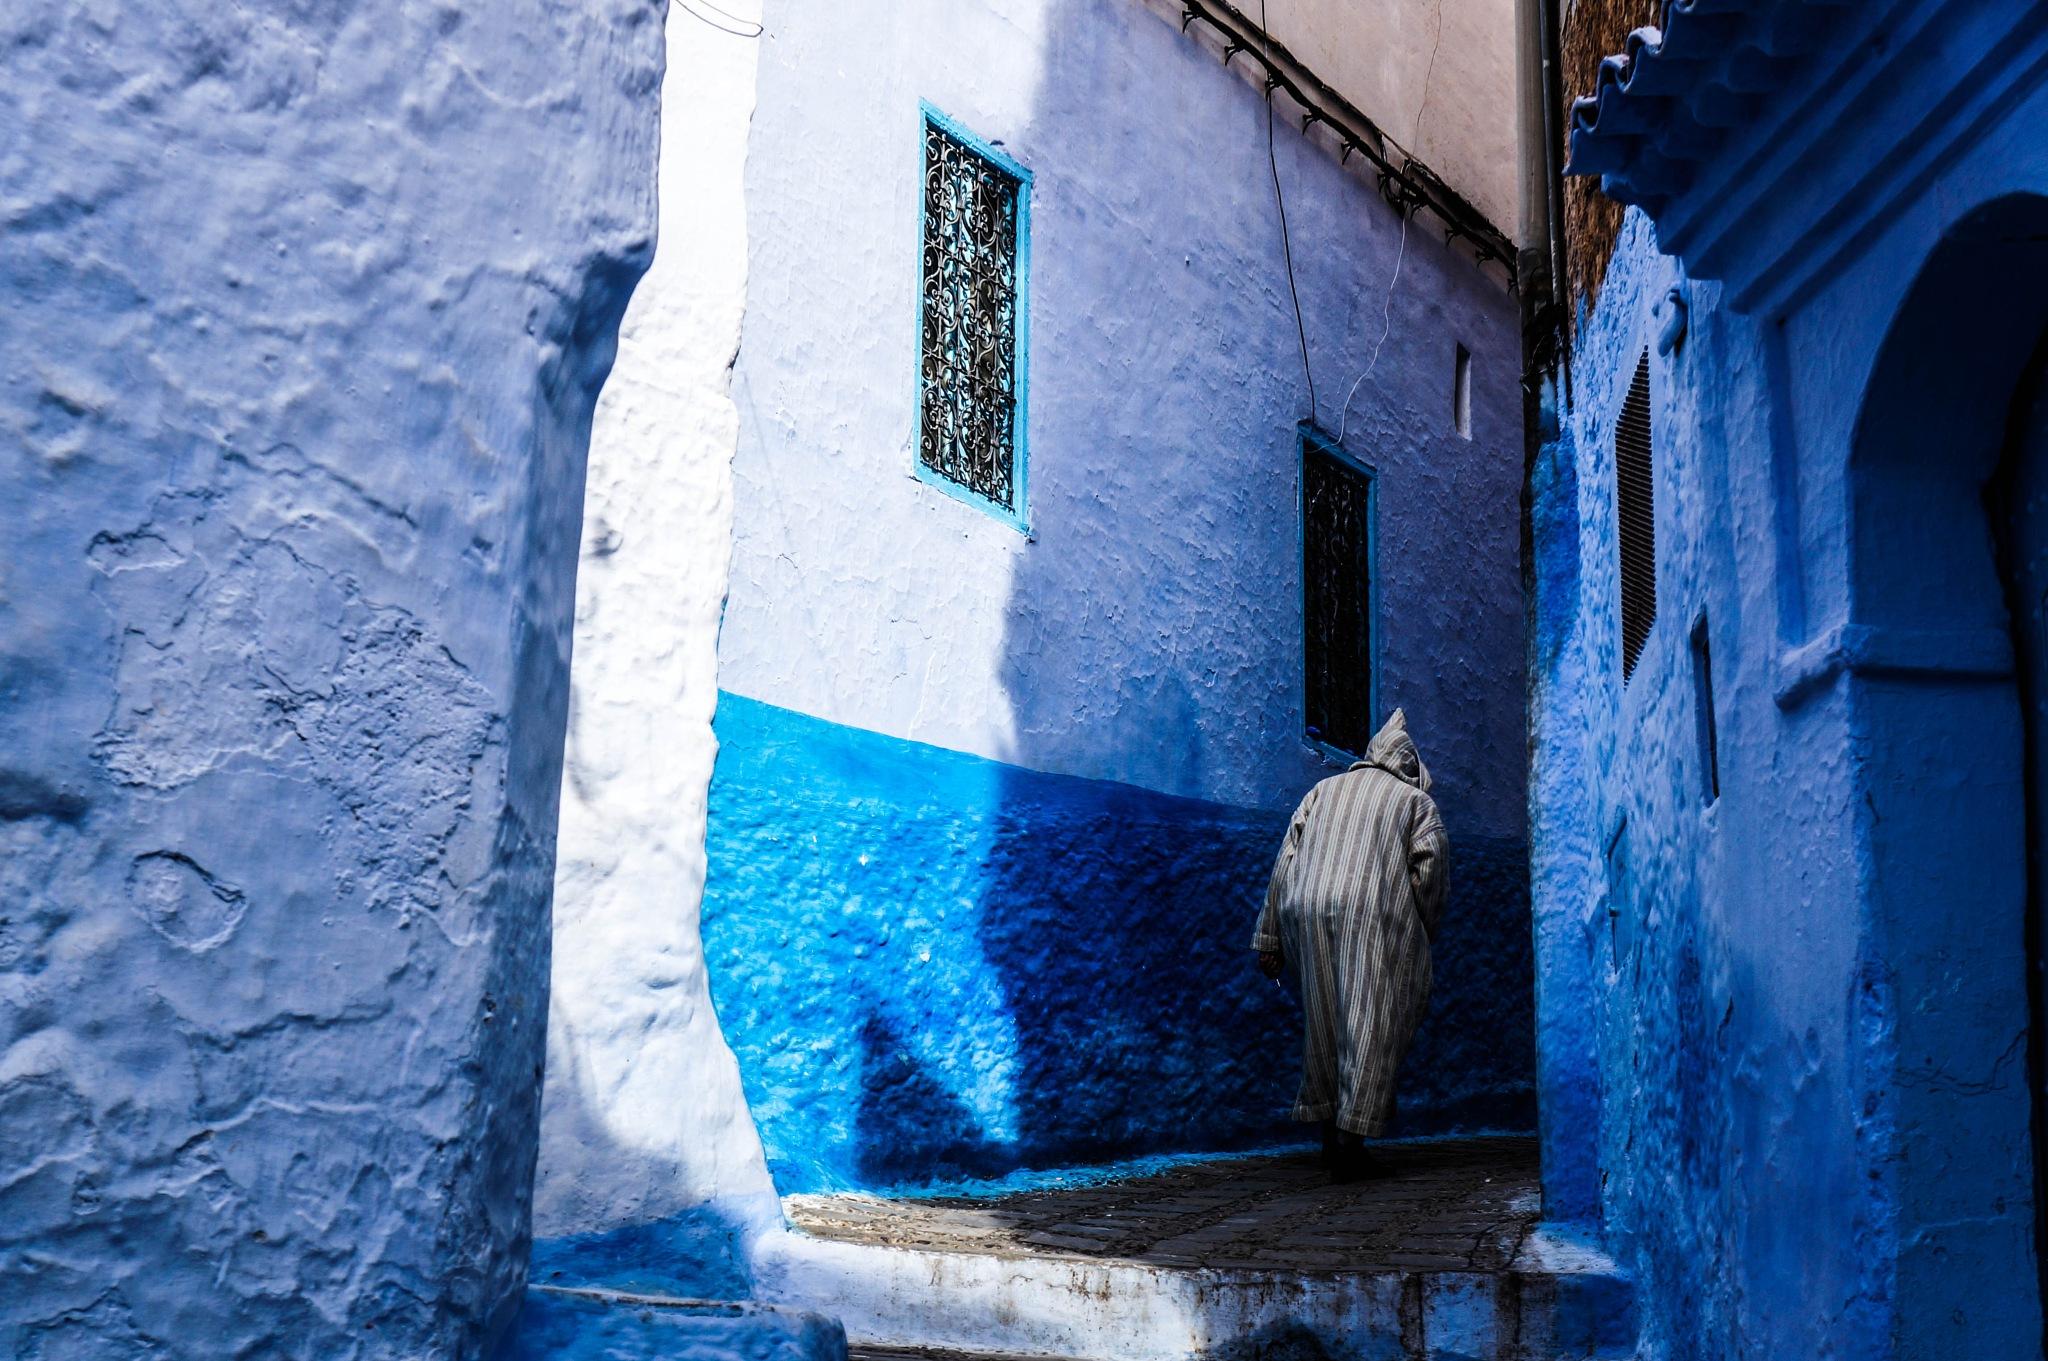 city of secrets by haddouchitarik